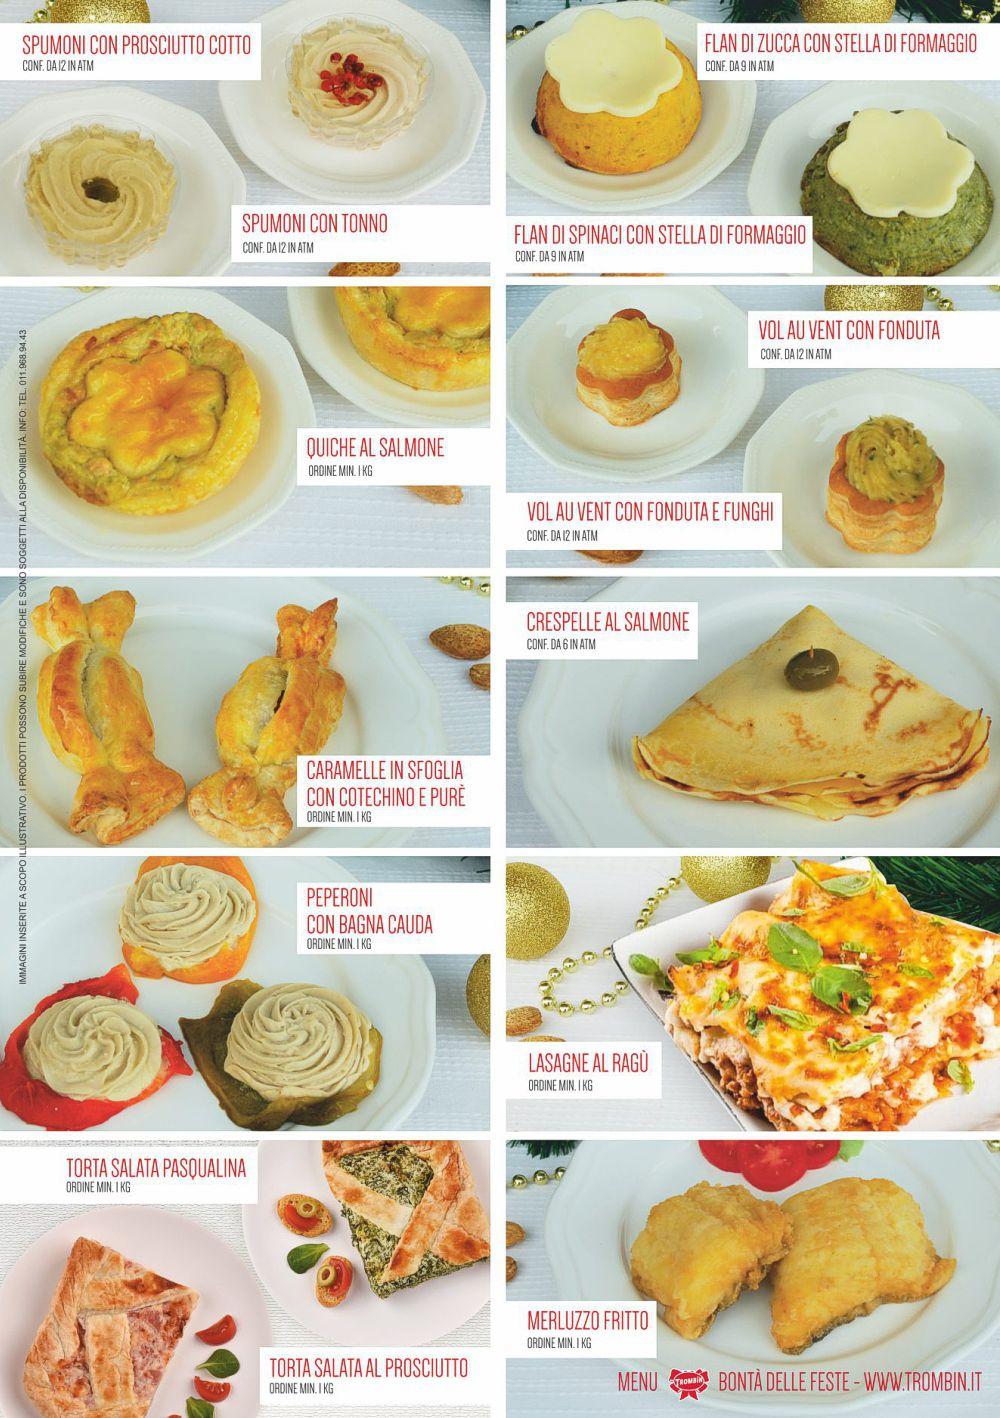 menu feste trombin